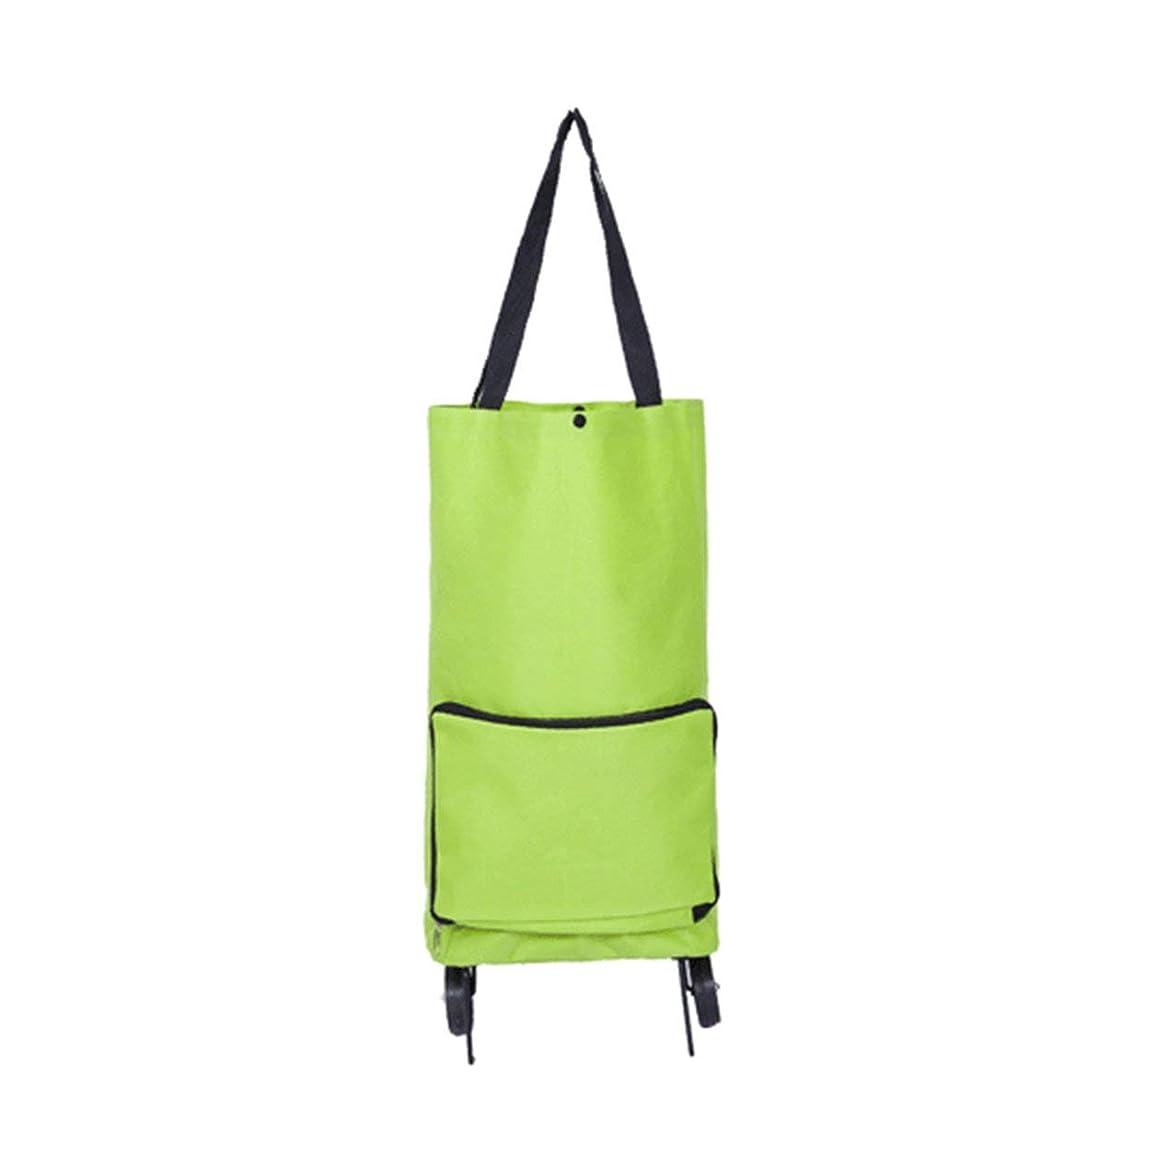 西部コストペネロペSaikogoods 多機能防水オックスフォード布折り畳み式SupermarkerショッピングトロリーホイールバッグTravalカート荷物バッグ 緑